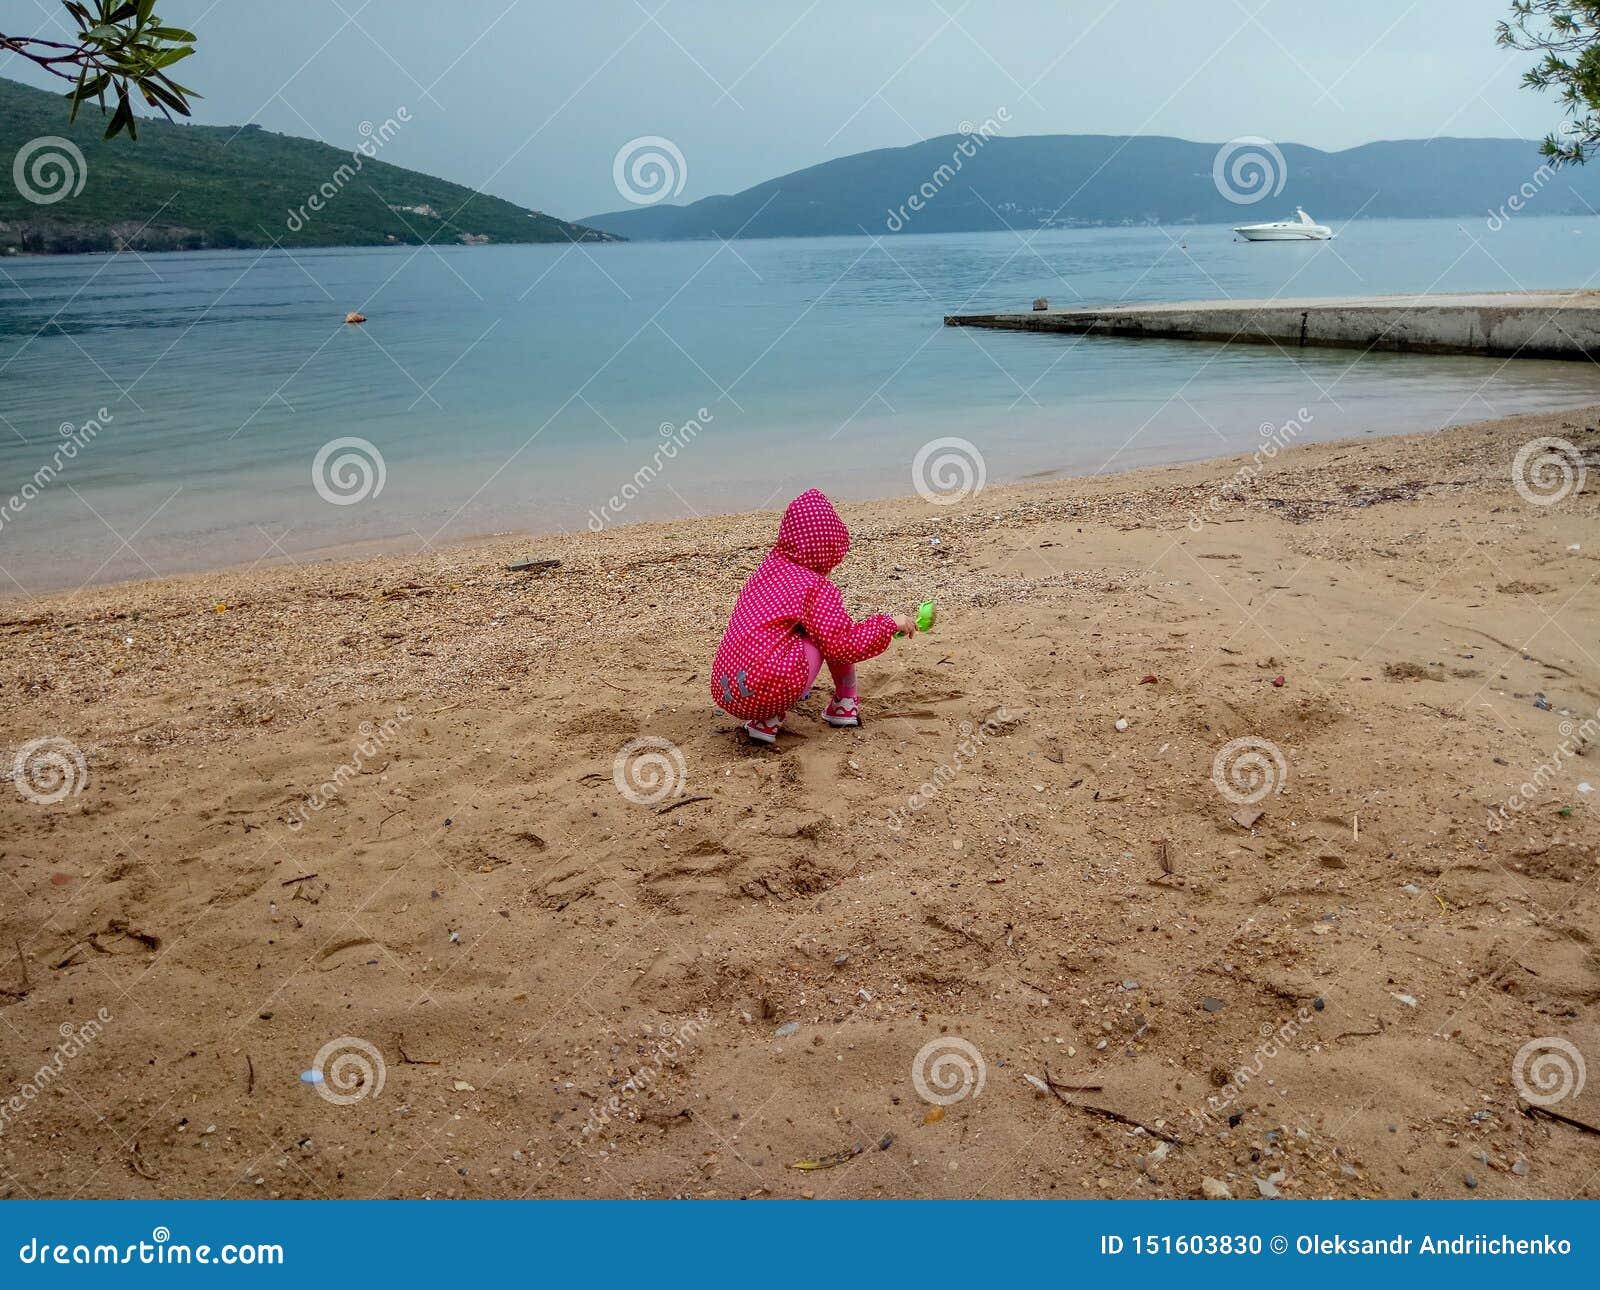 Piccola neonata sveglia che gioca con la sabbia alla spiaggia in un tempo tempestoso